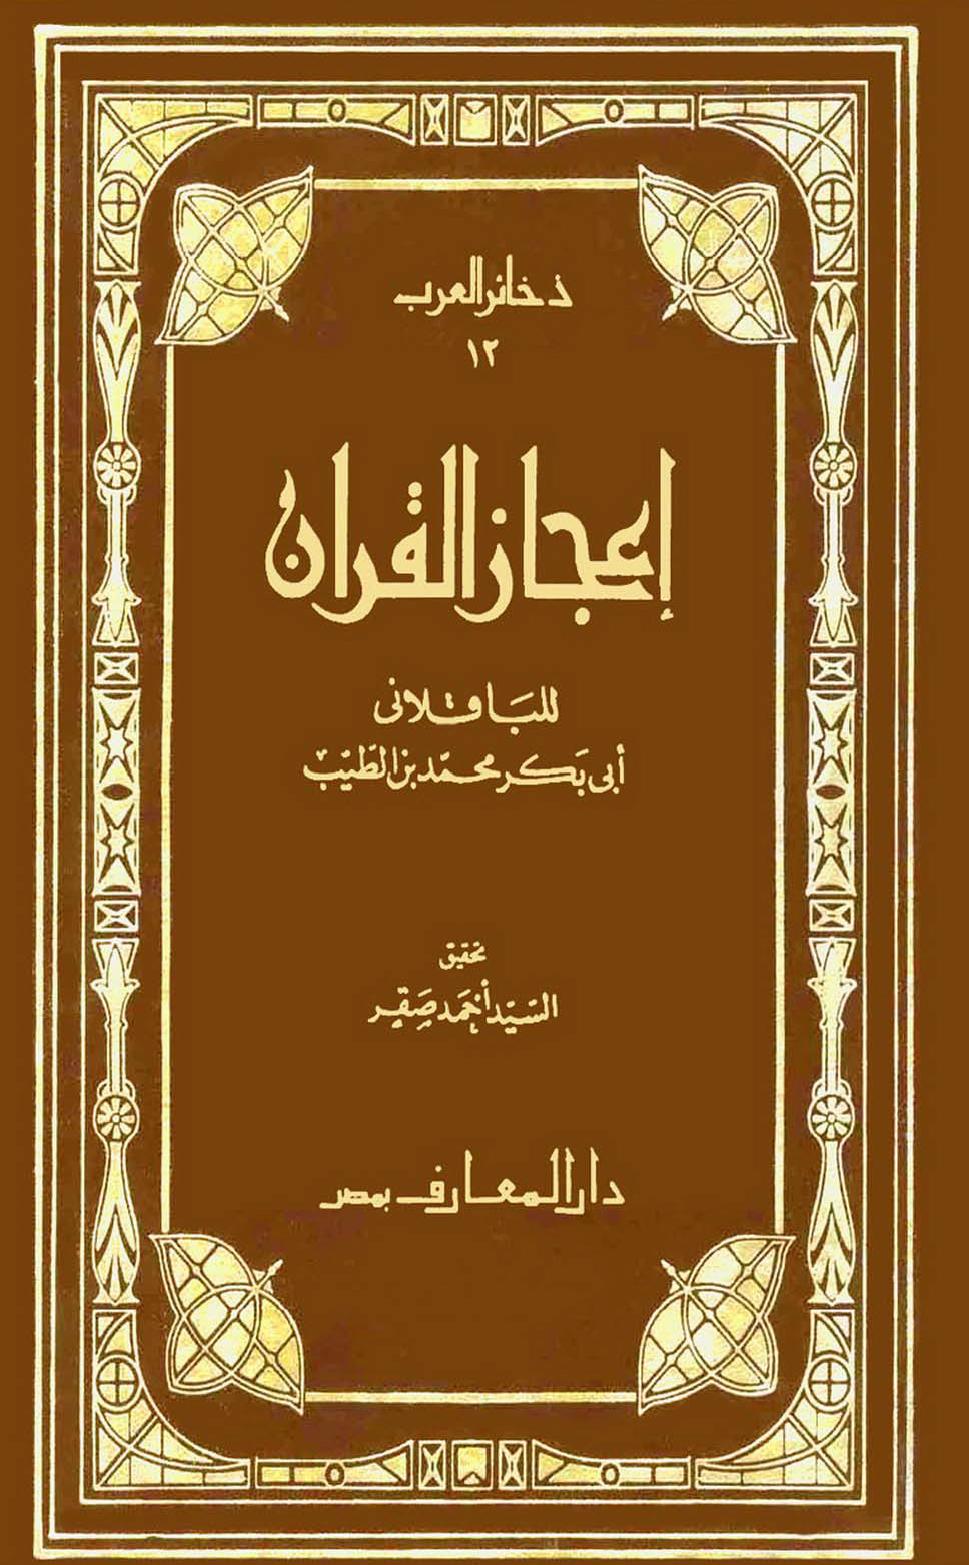 تحميل كتاب إعجاز القرآن (الباقلاني) لـِ: الإمام أبو بكر محمد بن الطيب بن محمد بن جعفر، القاضي الباقلاني (ت 403)